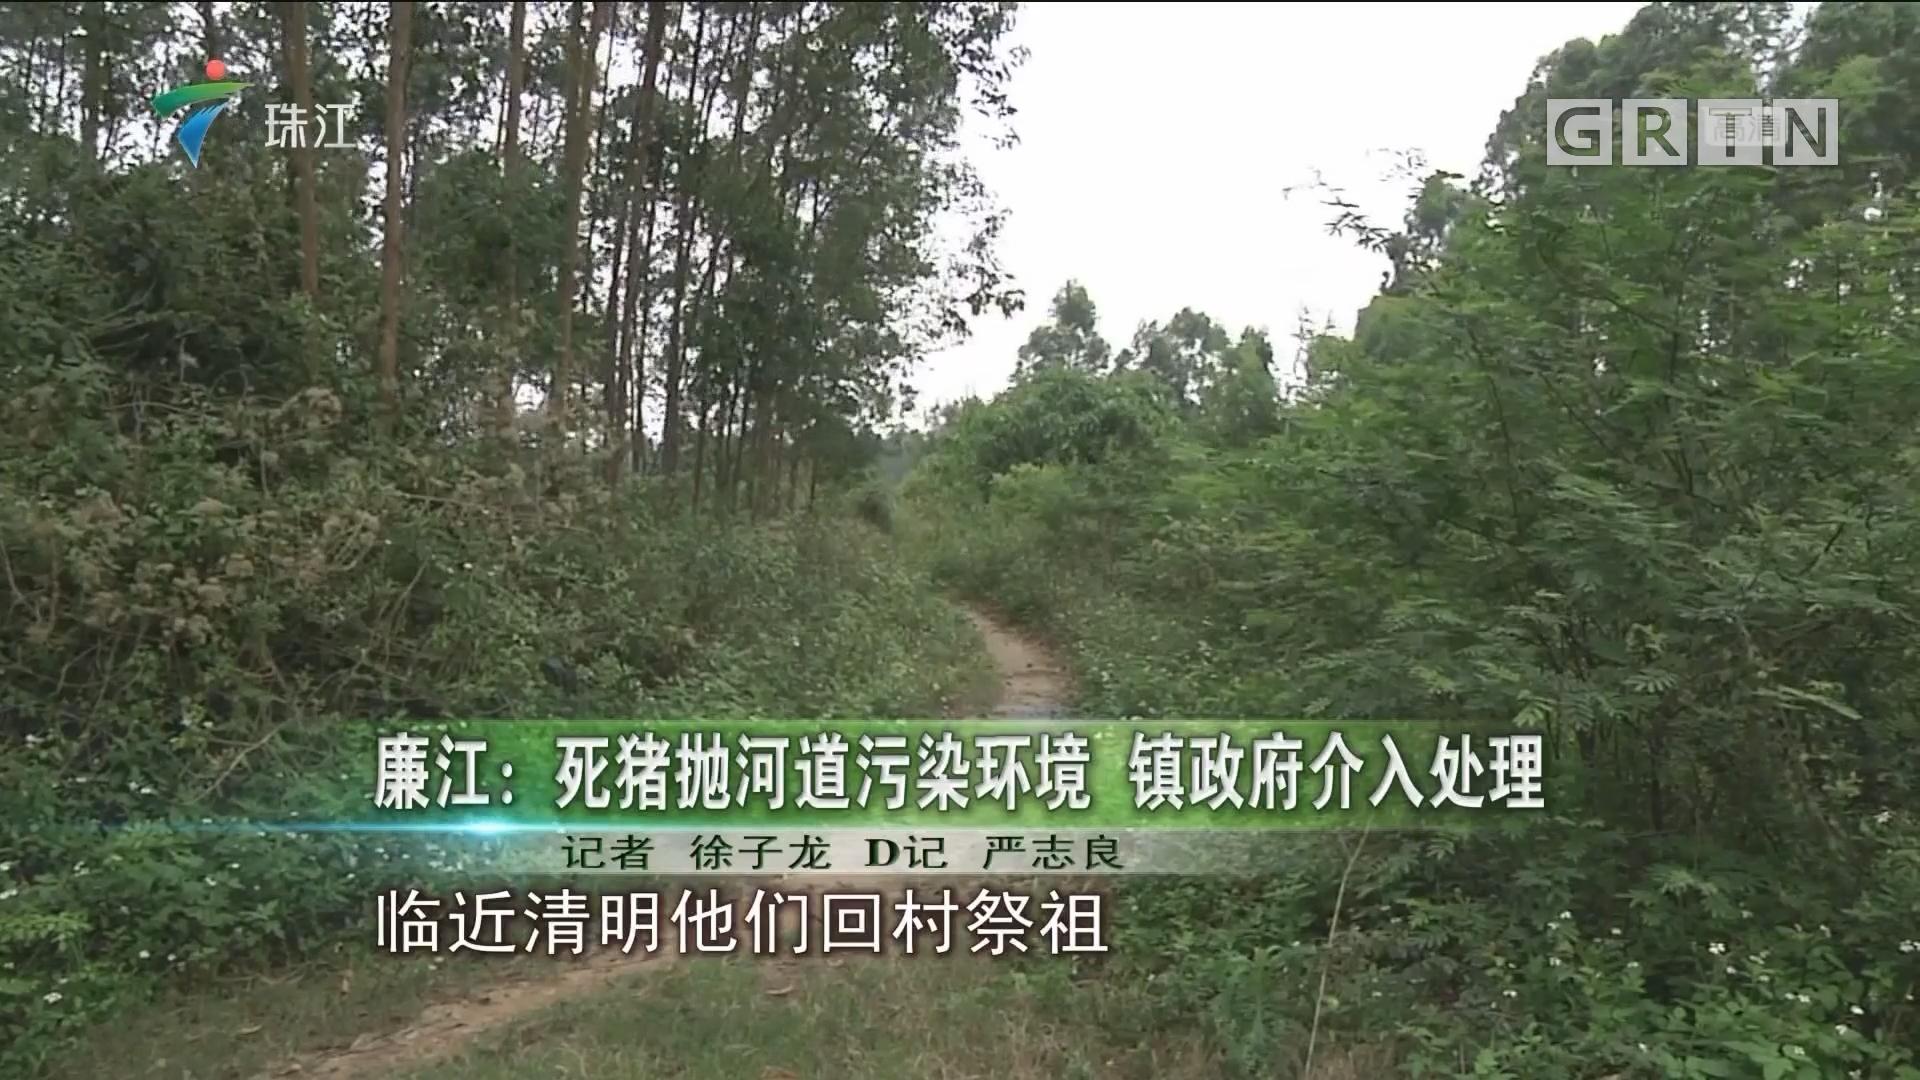 廉江:死猪抛河道污染环境 镇政府介入处理